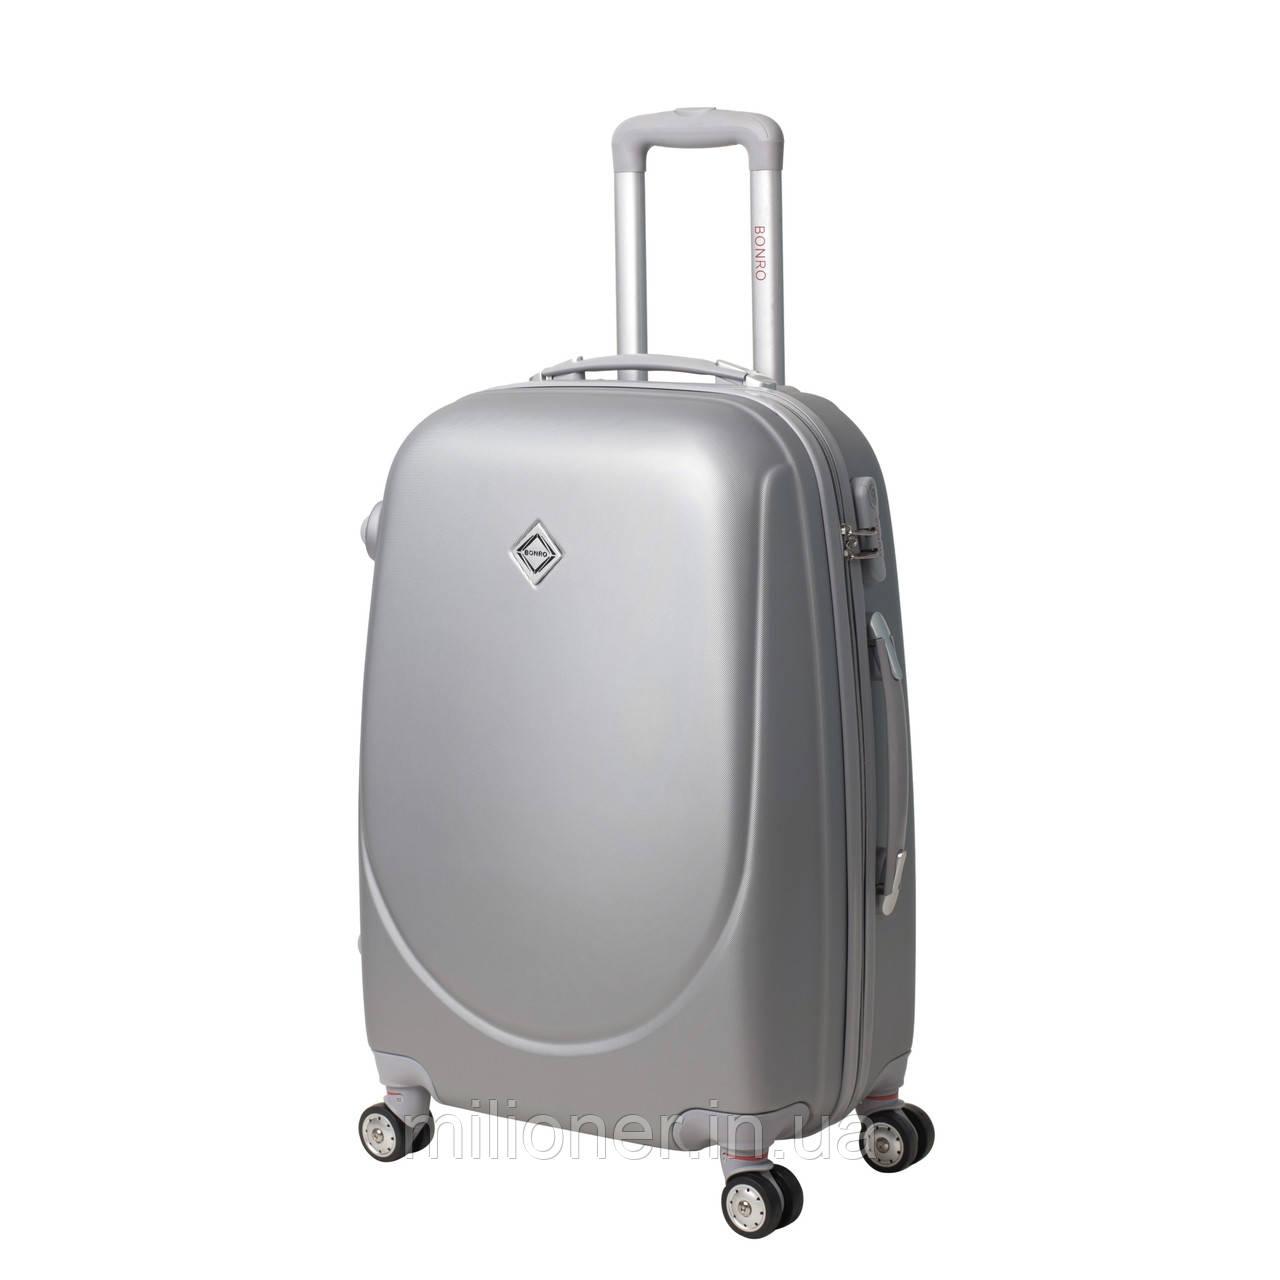 Чемодан Bonro Smile с двойными колесами (небольшой) серебряный